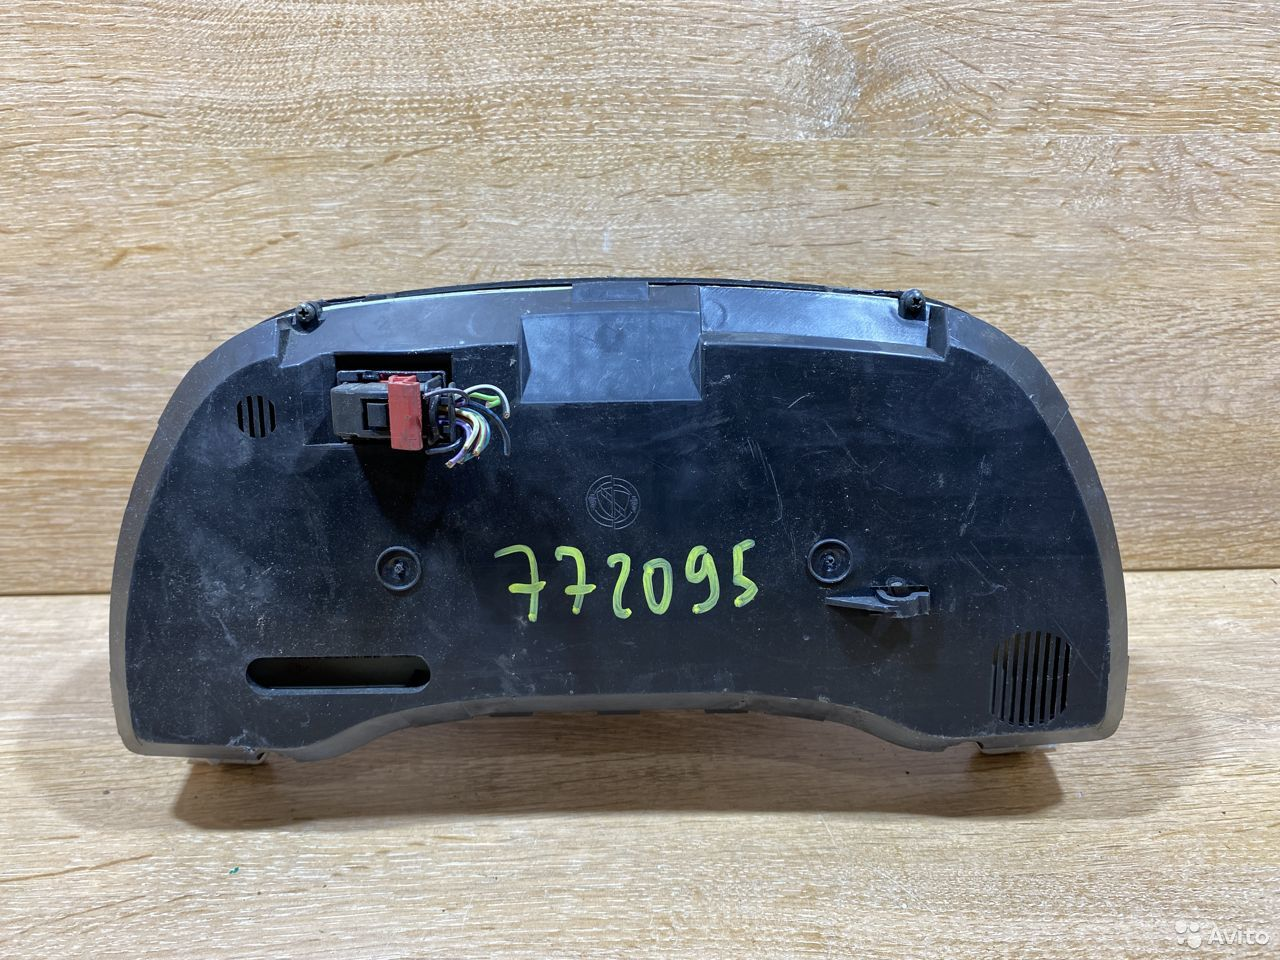 Панель приборов Fiat Punto 2 бензин 772095  89534684247 купить 4